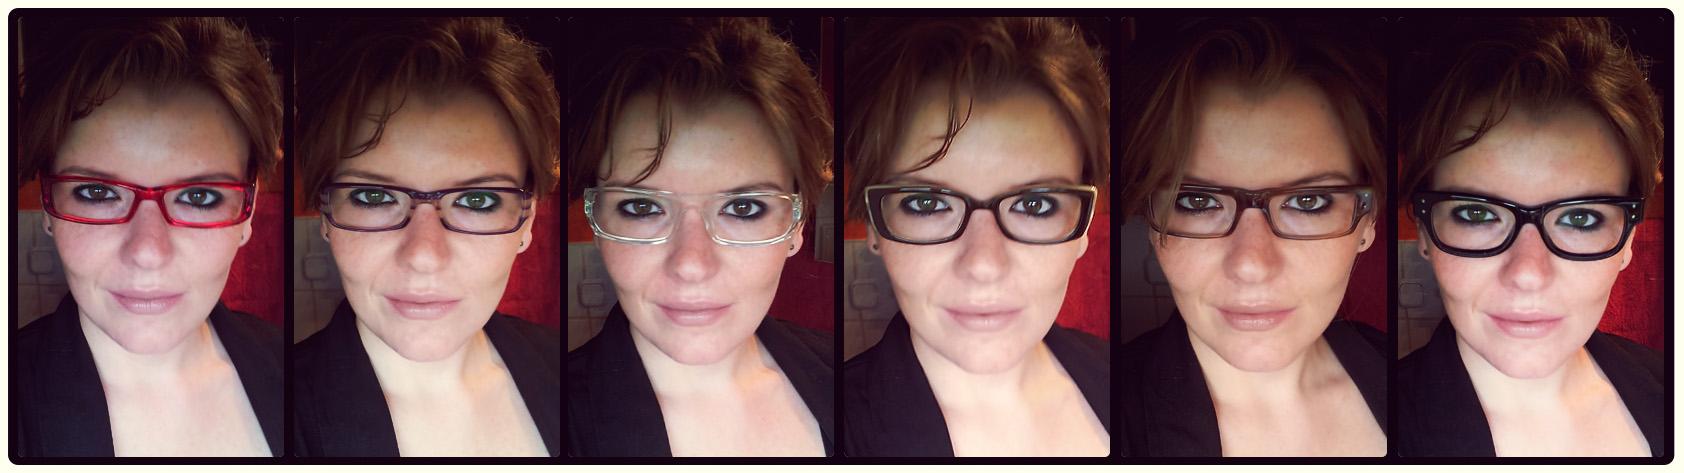 Tragefoto - Brillen aufgesetzt: alle von KRASS Optik